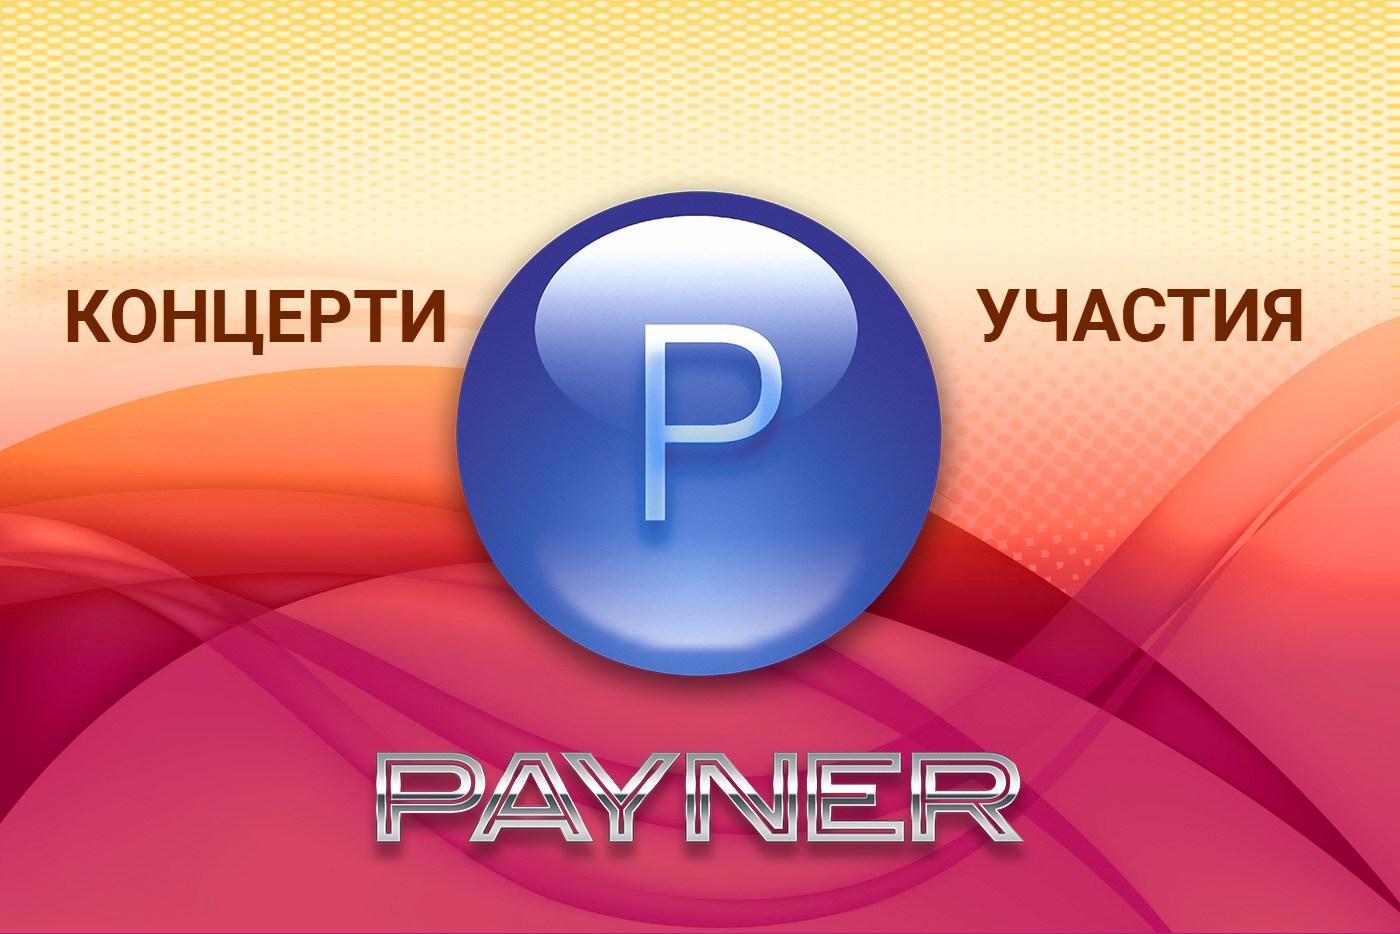 """Участия на звездите на """"Пайнер"""" на 26.01.2019"""